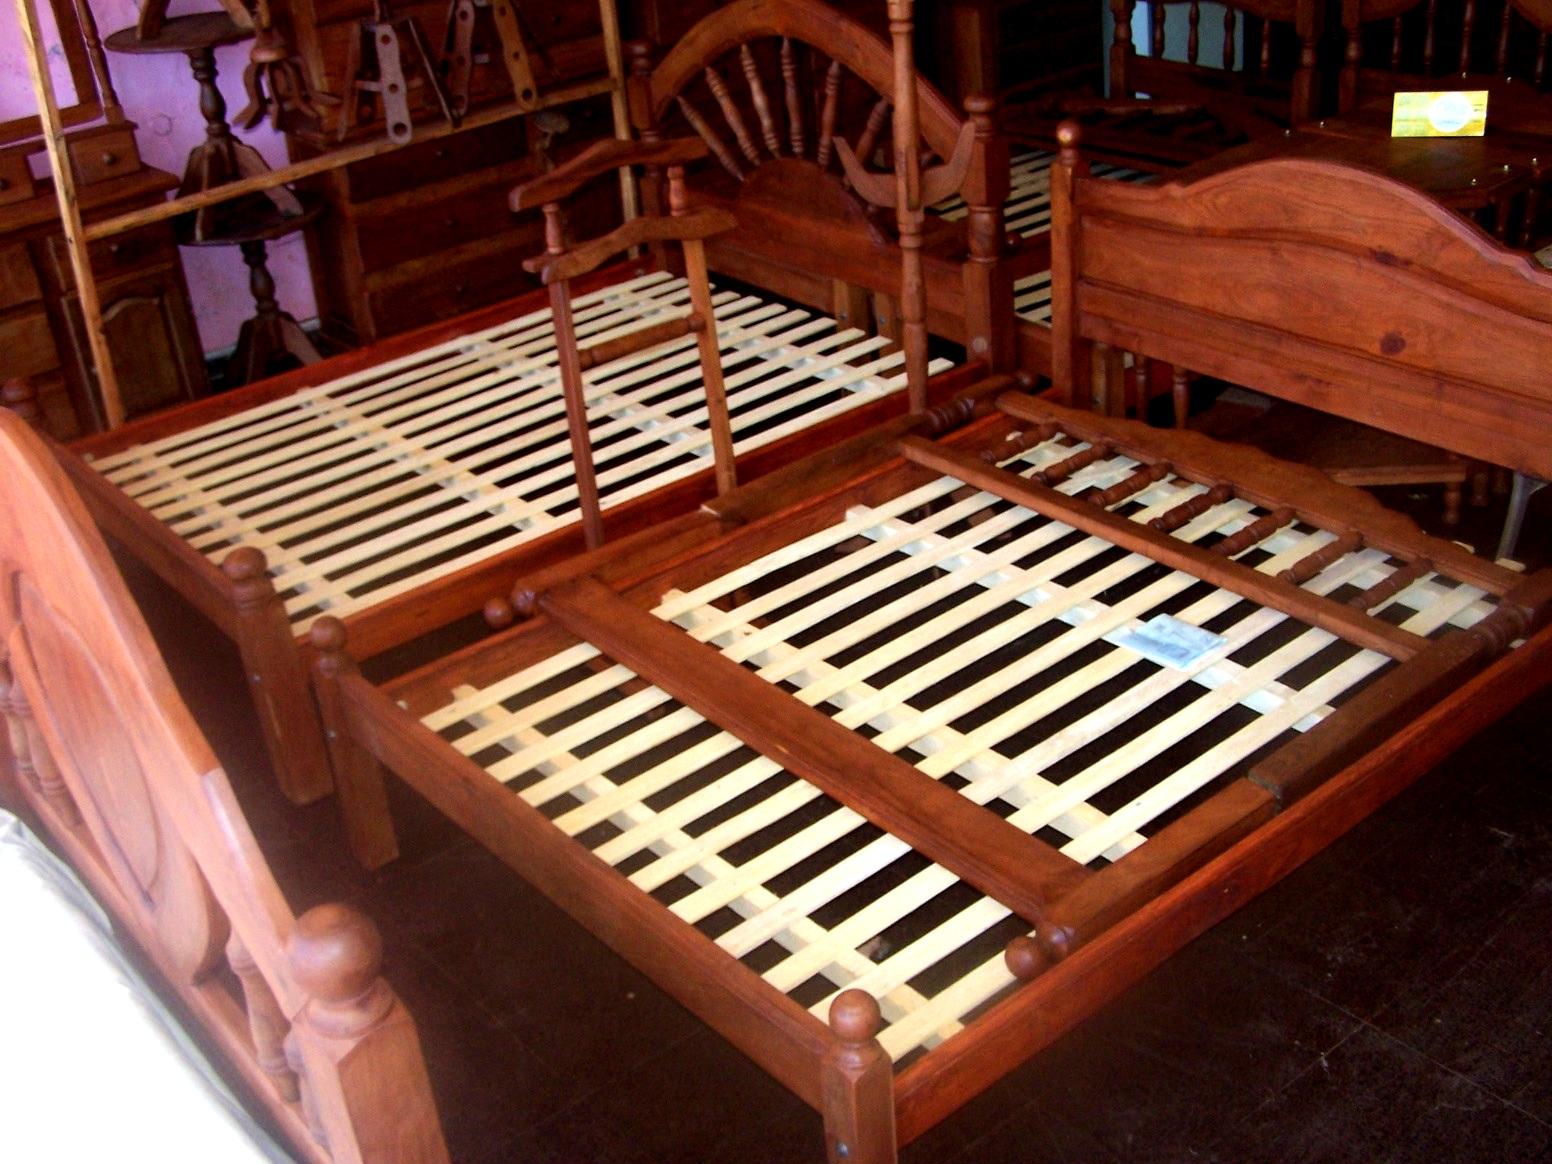 muebles de algarrobo directo de chaco Grippo  muebles de algarrobo